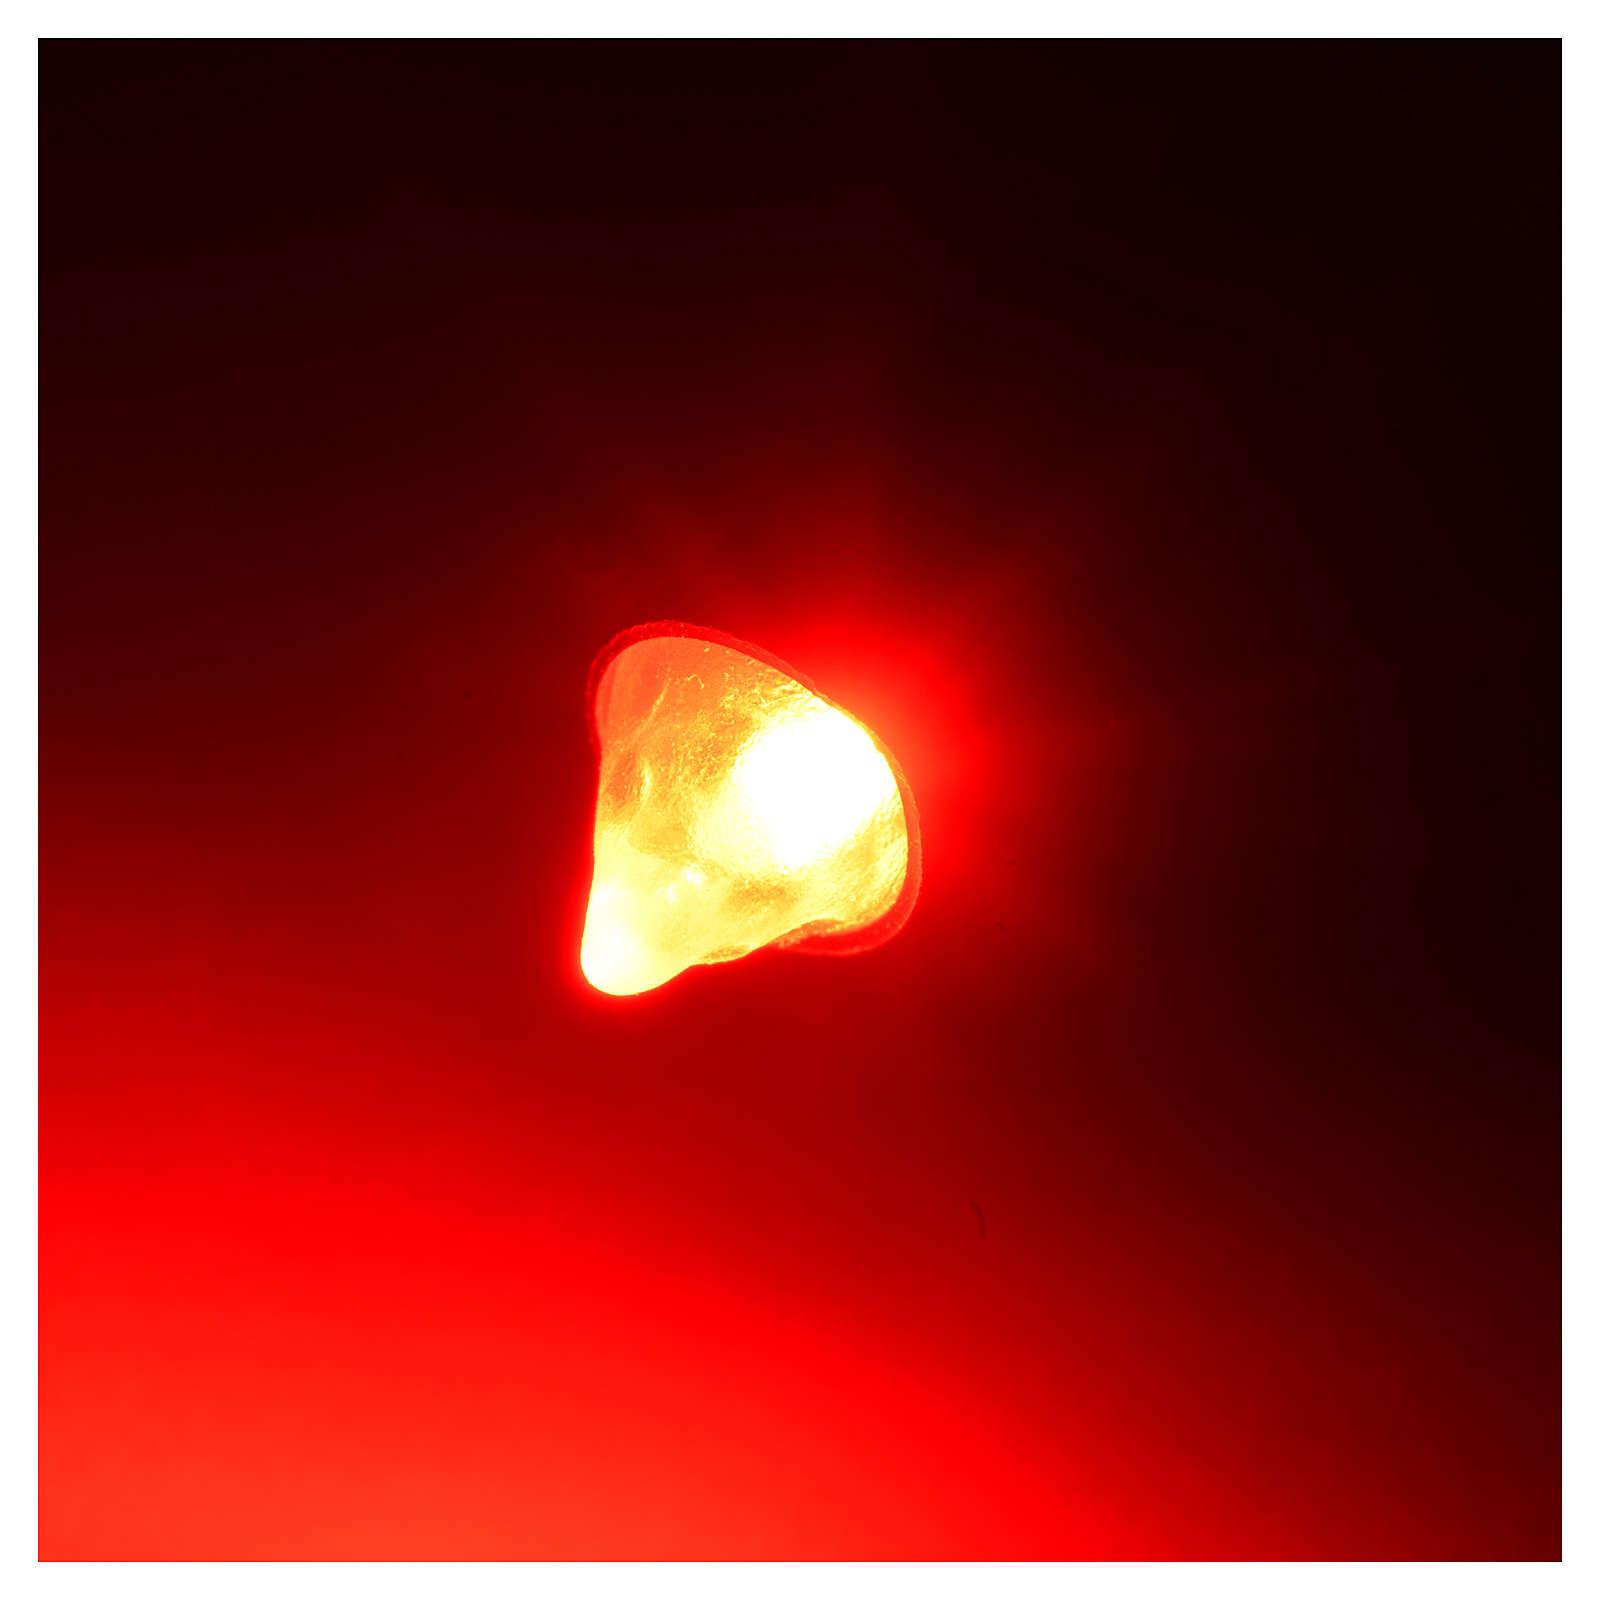 Led torcia luce rossa diam. 5 mm presepe 4